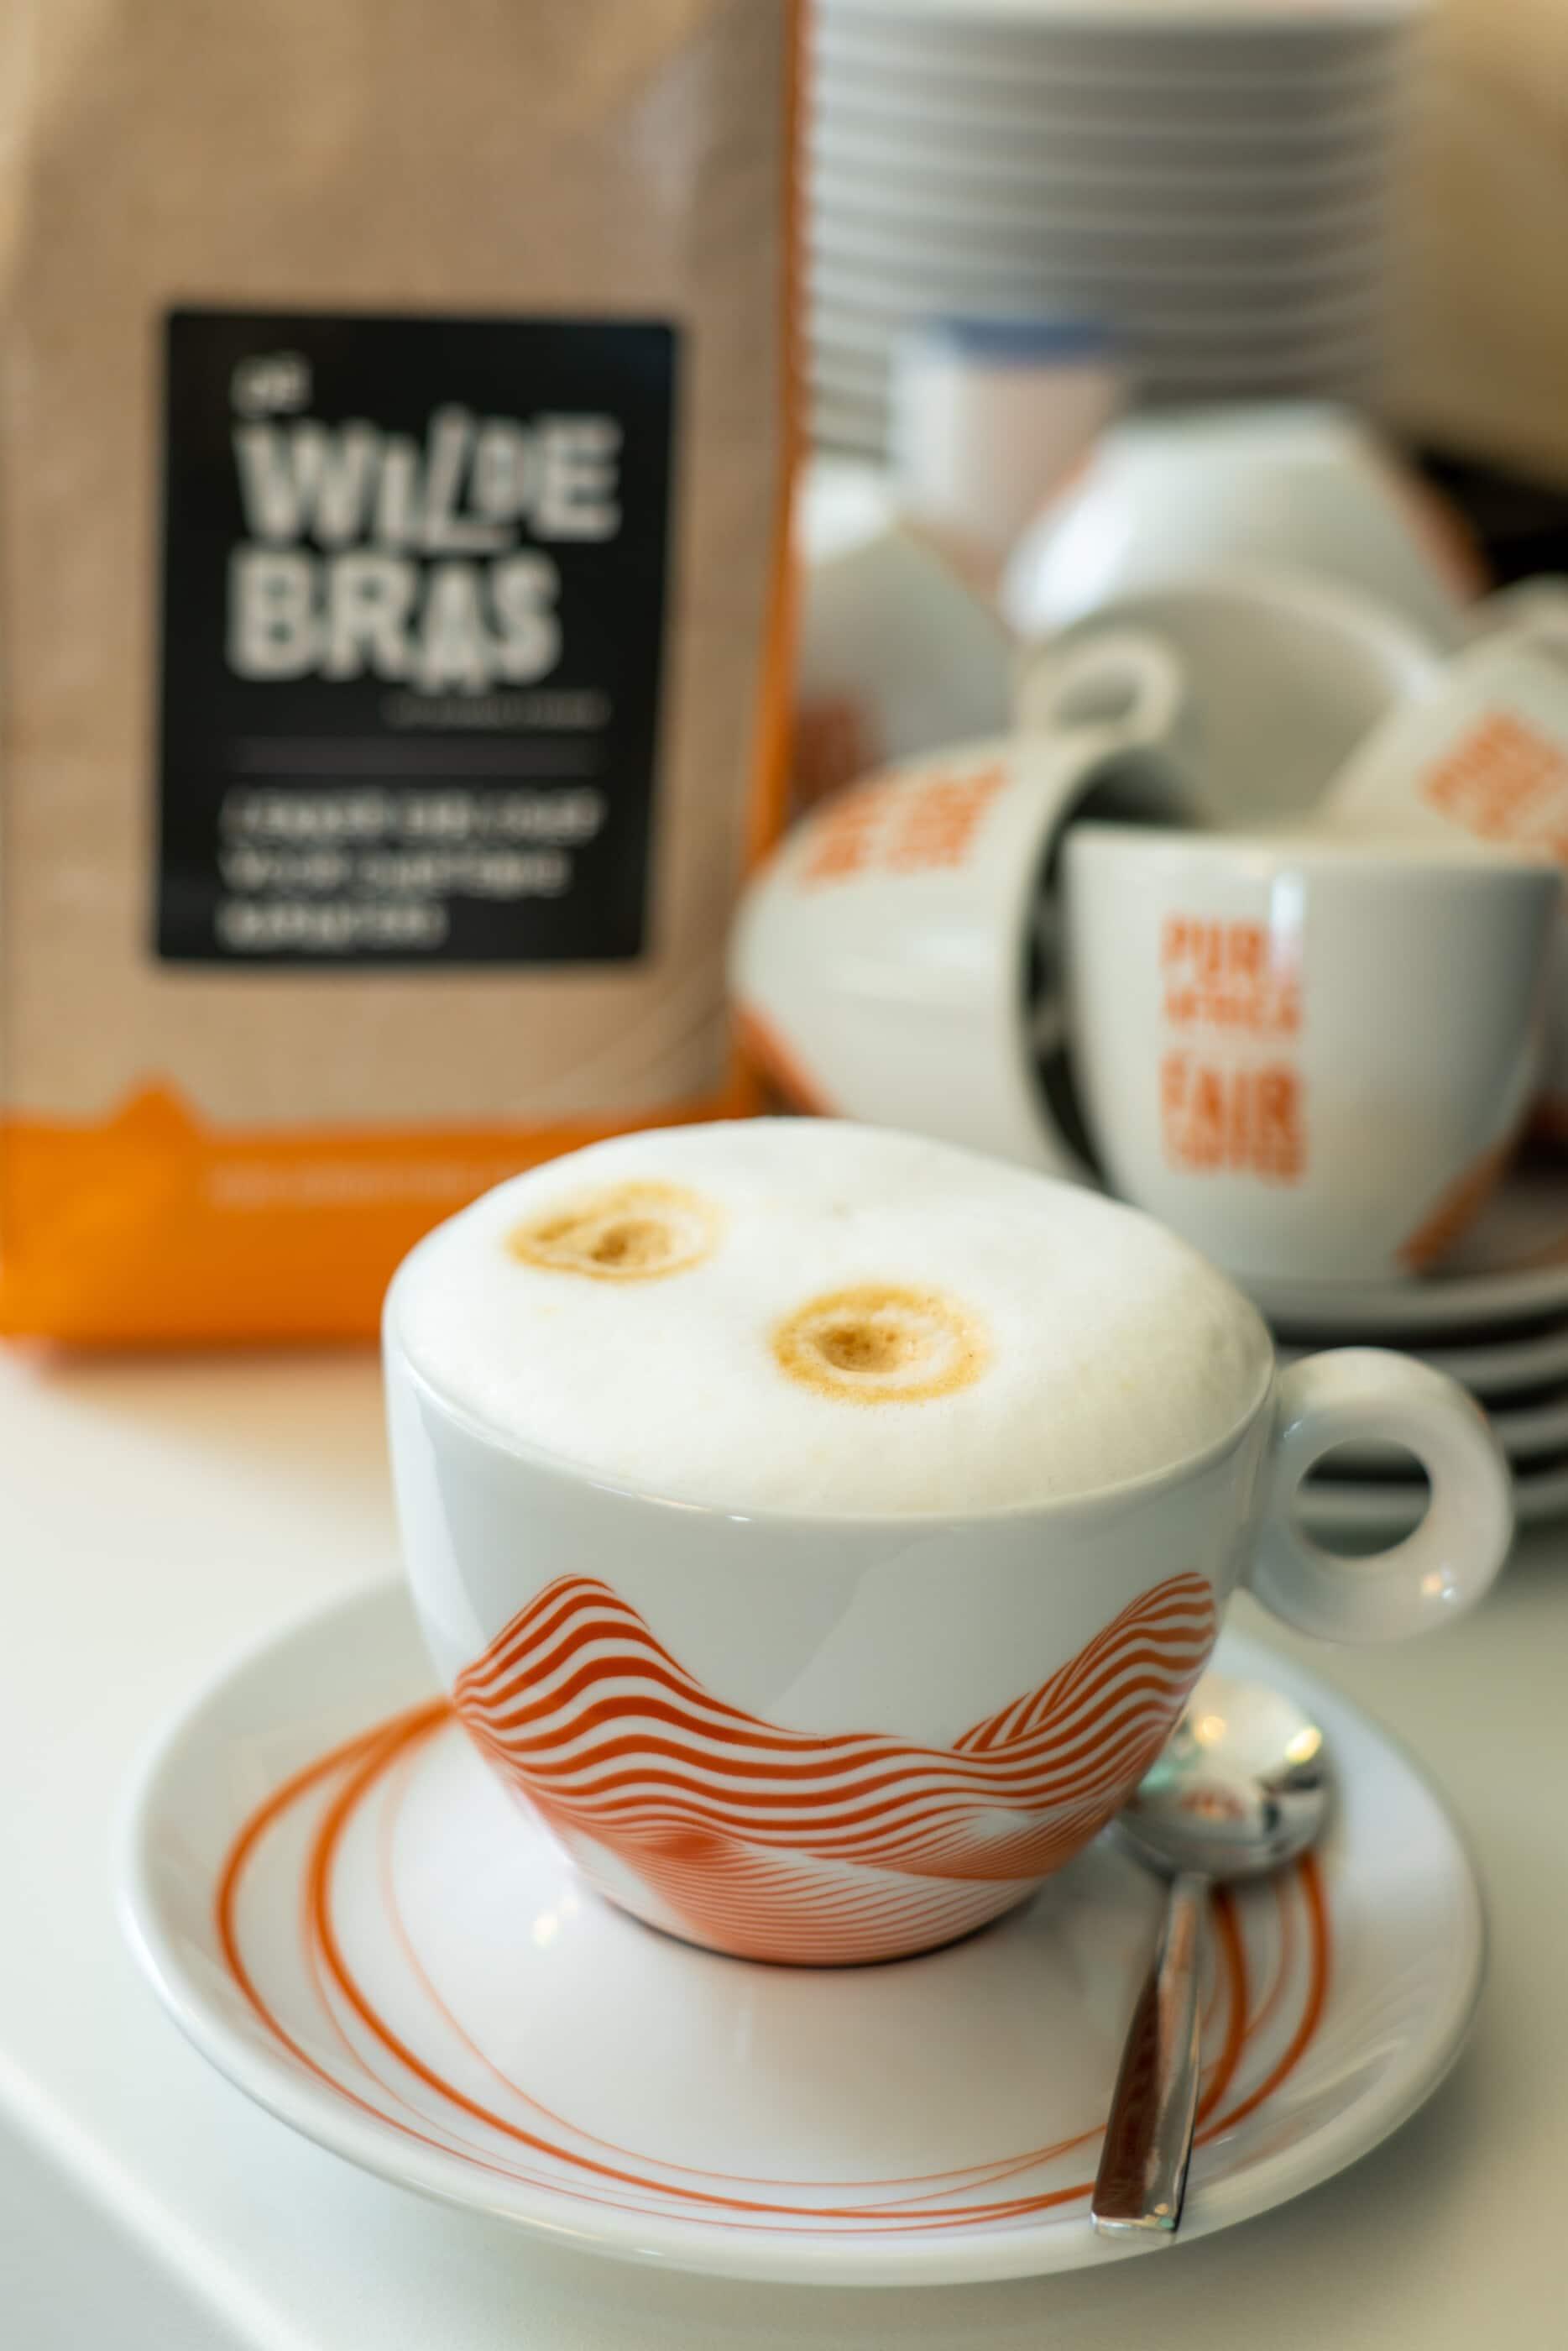 Welke 5 voordelen heeft koffie drinken voor je gezondheid?